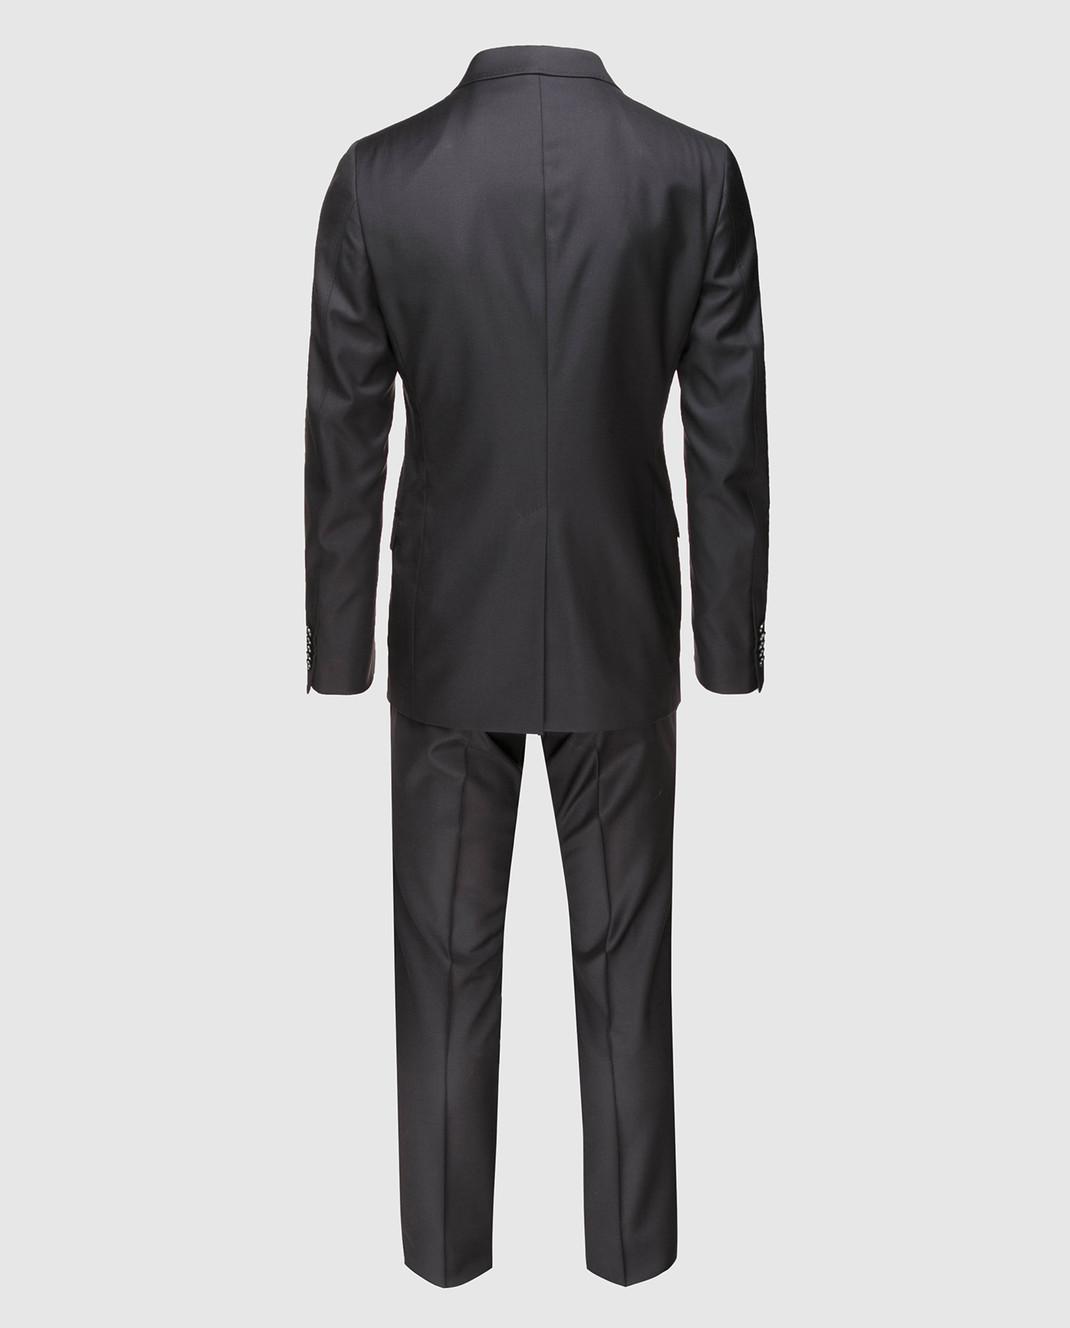 Gucci Черный костюм 406135 изображение 2